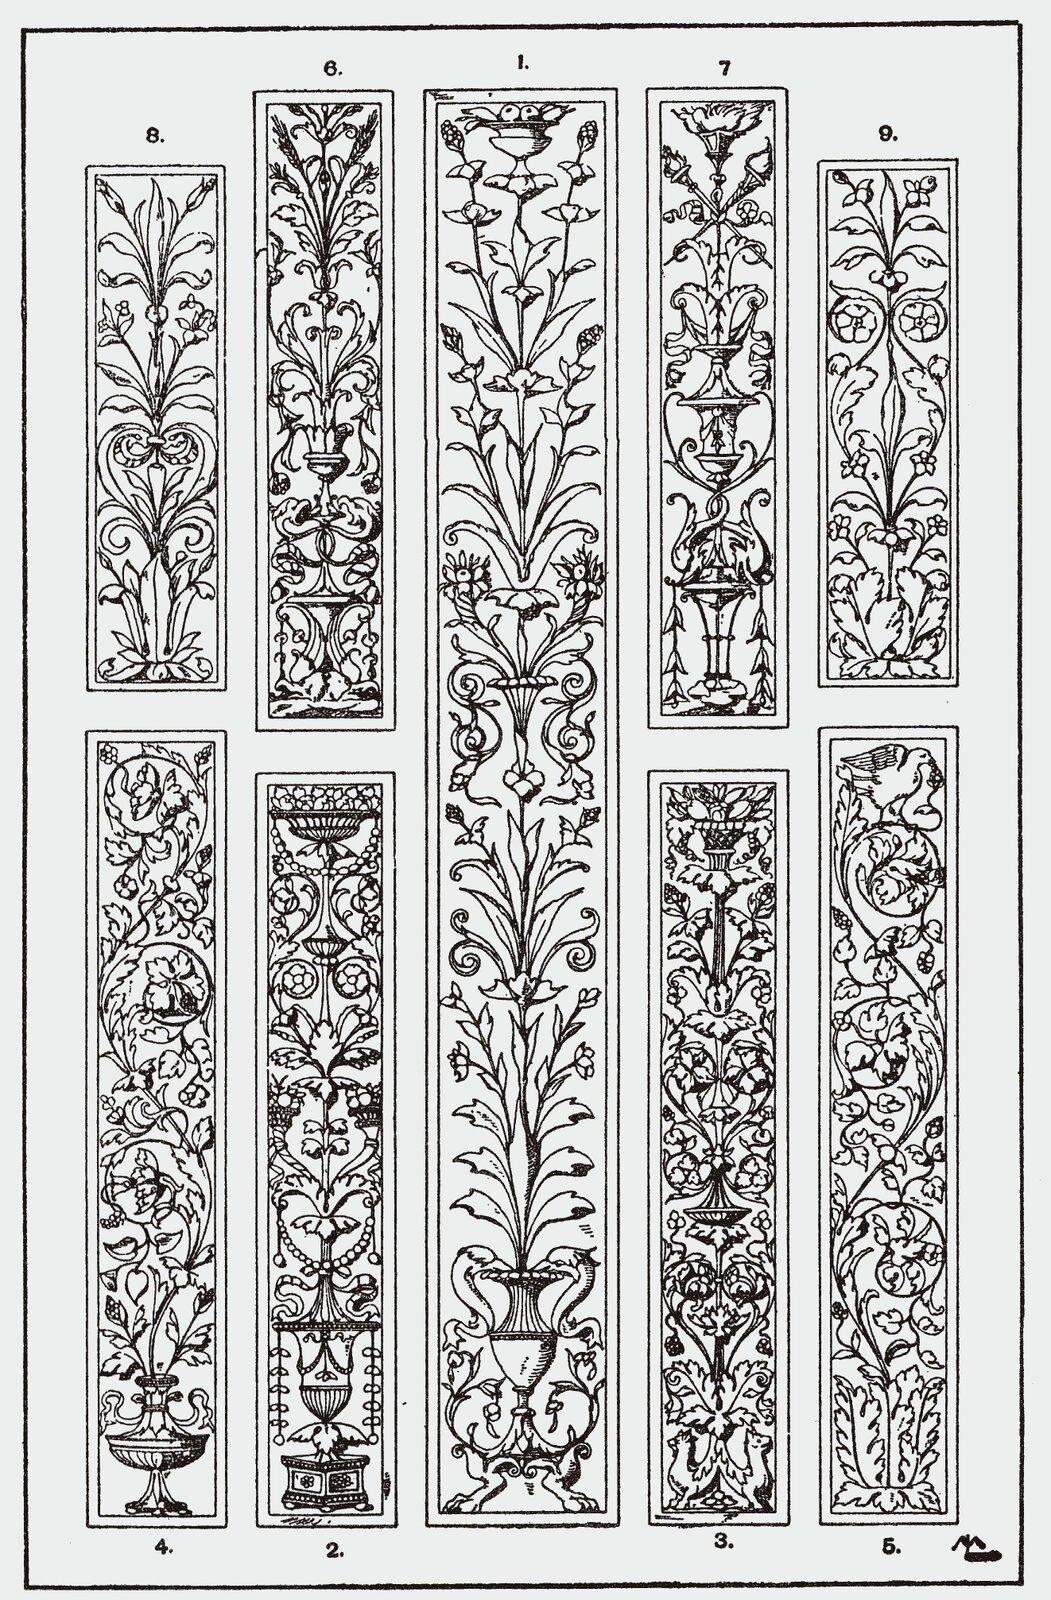 Ilustracja przedstawiająca ornament: arabeska. Element dekoracyjny naszkicowany jest czarnym kolorem bez wypełnień. Na ornamencie widoczne są zdobienia kwiatowe.